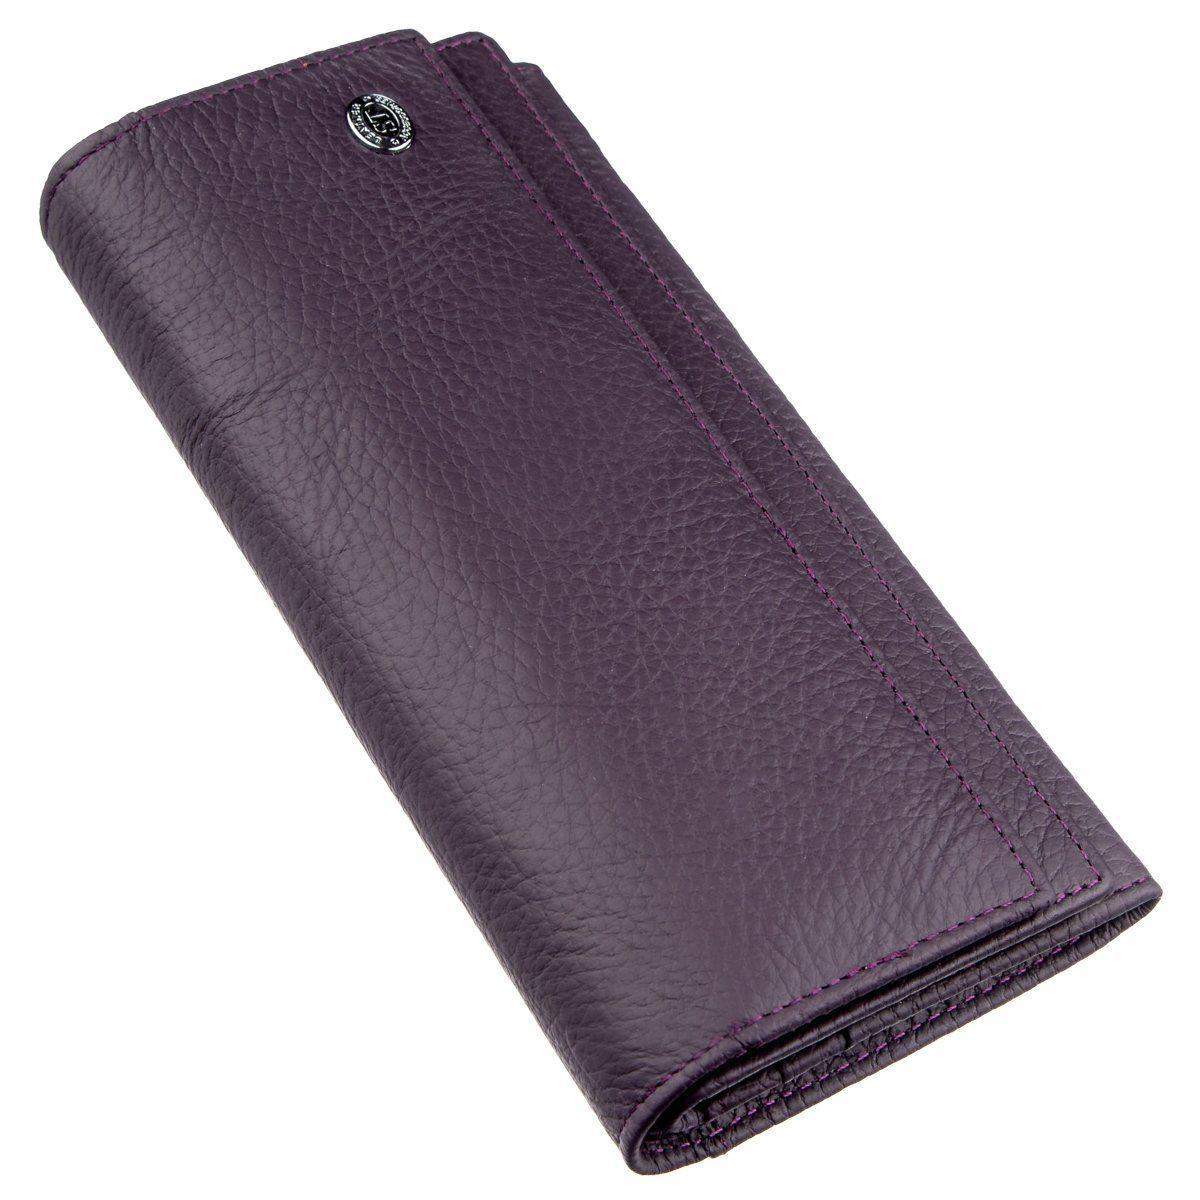 Женский кошелек с визитницей на кнопке ST Leather 18950 Фиолетовый, Фиолетовый